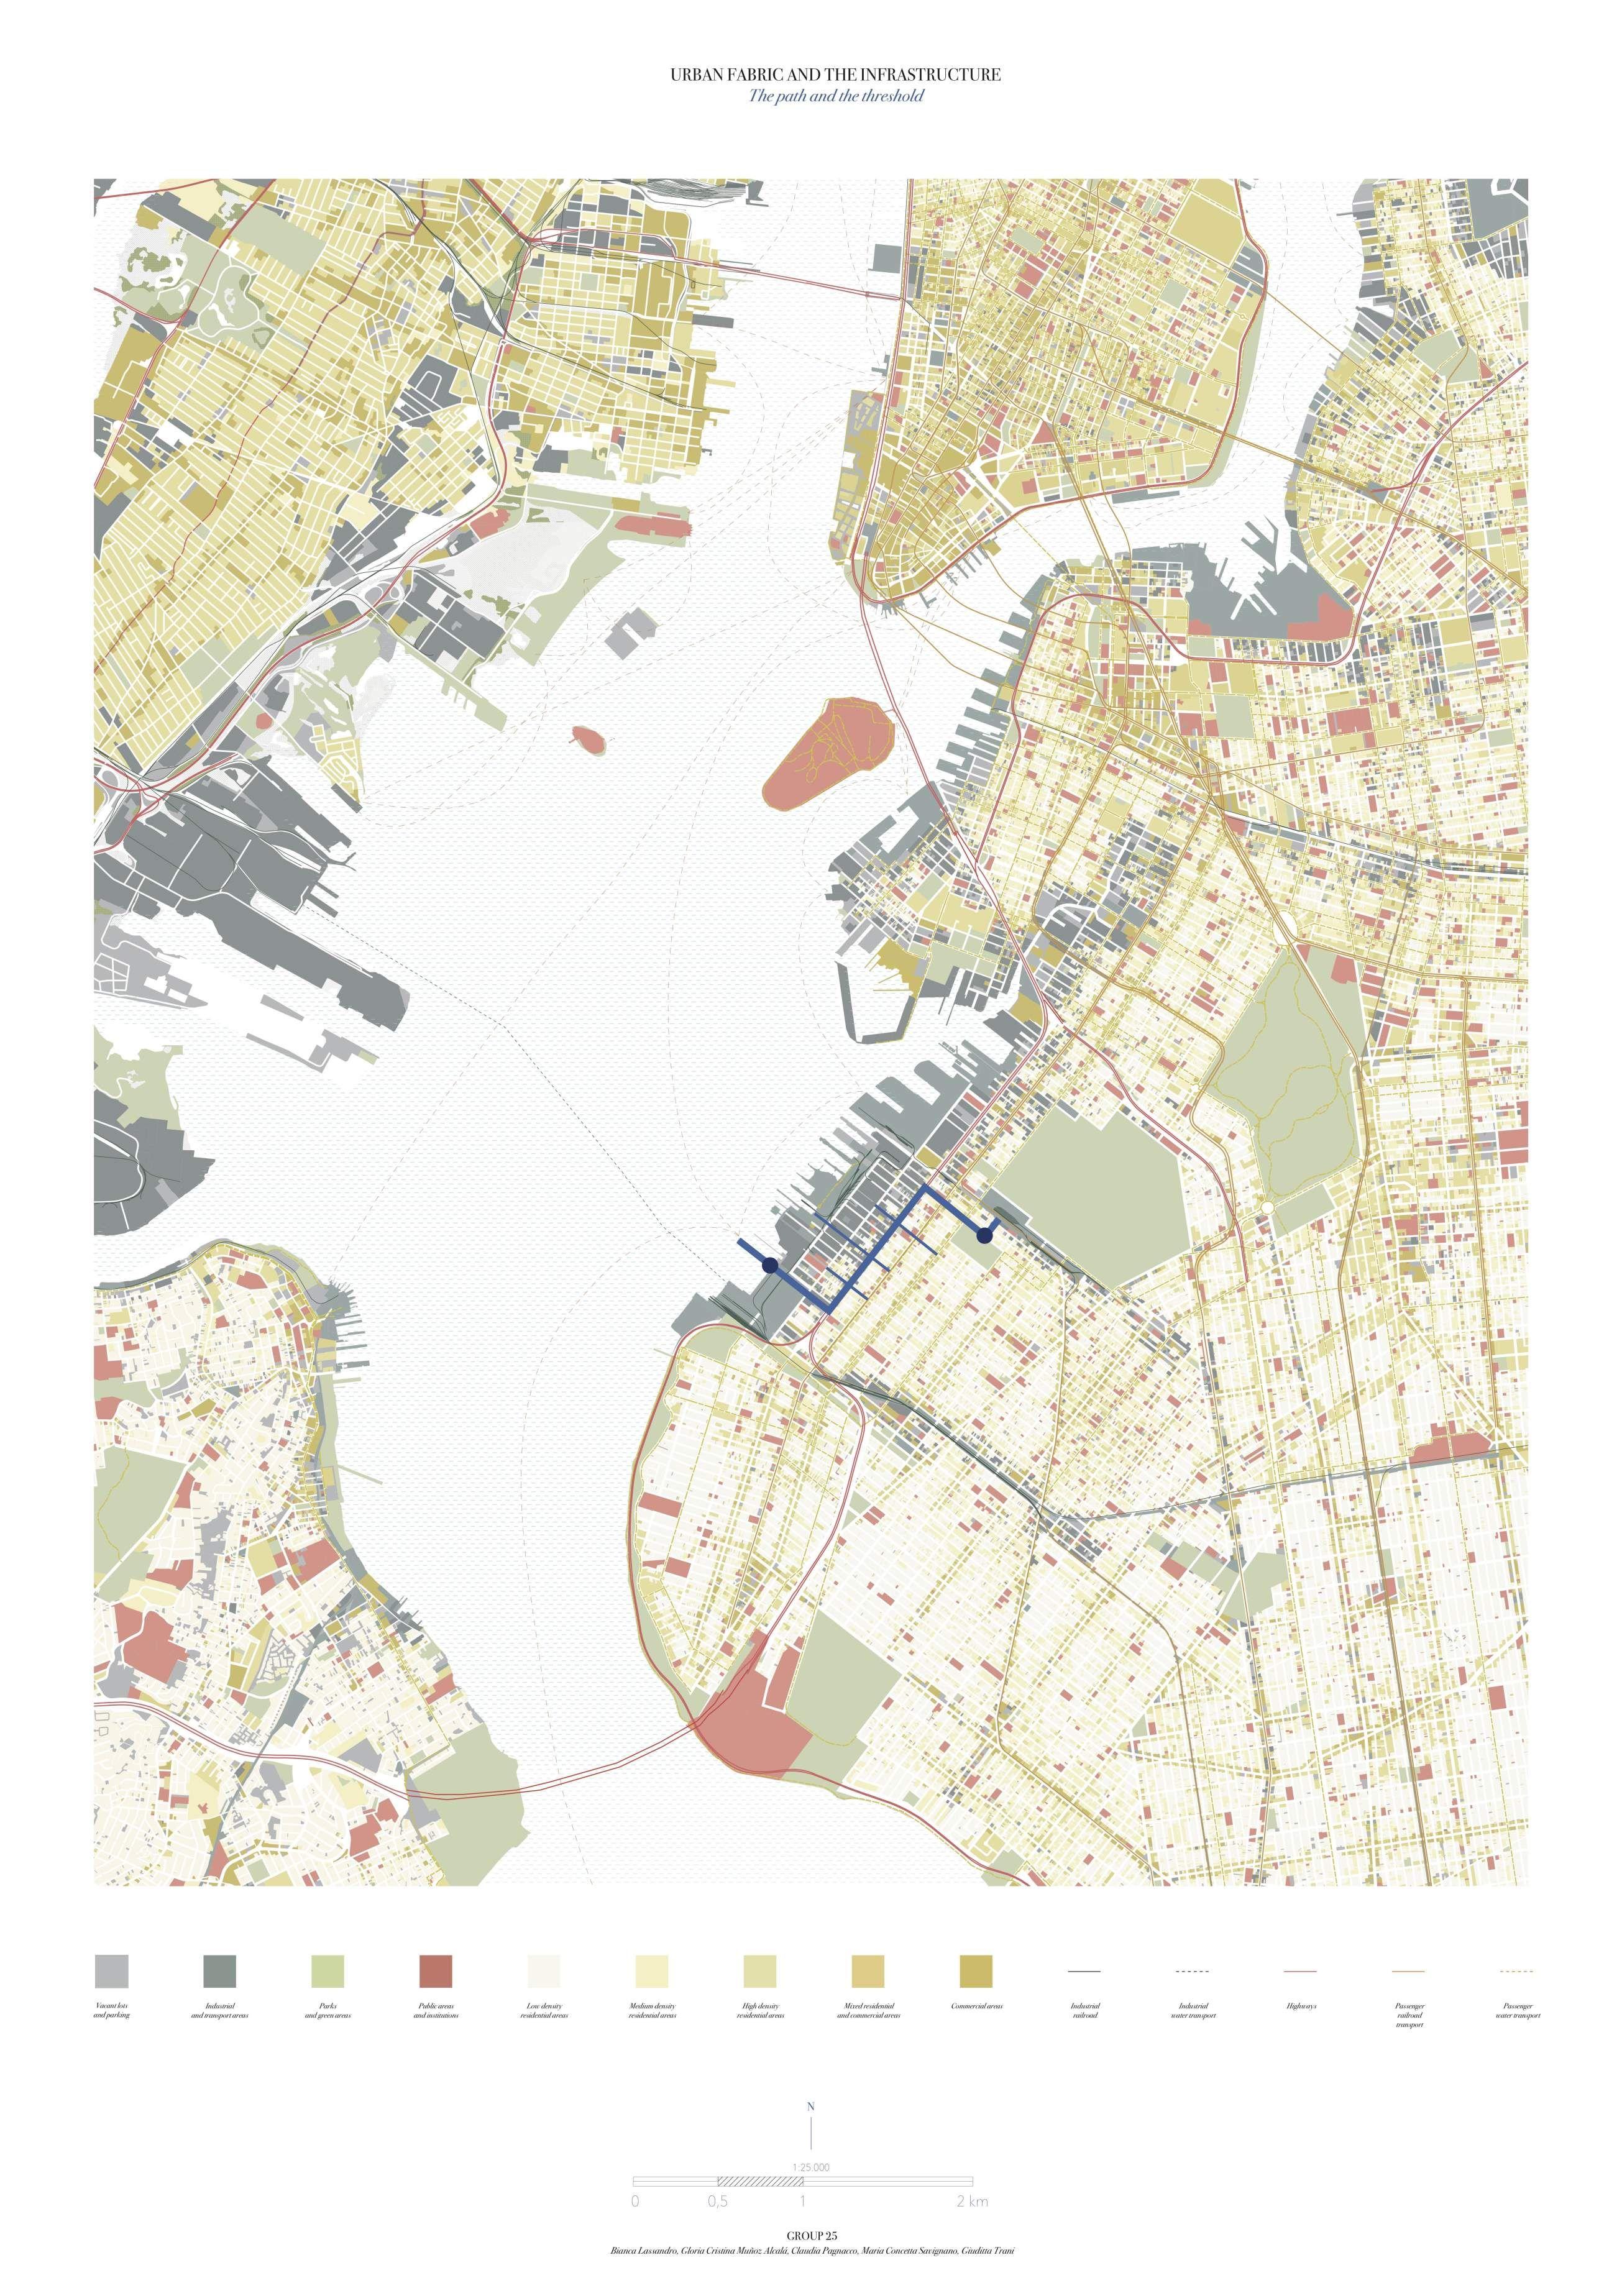 Idea by Adria Maynard on Arch. Site/Map Urban design